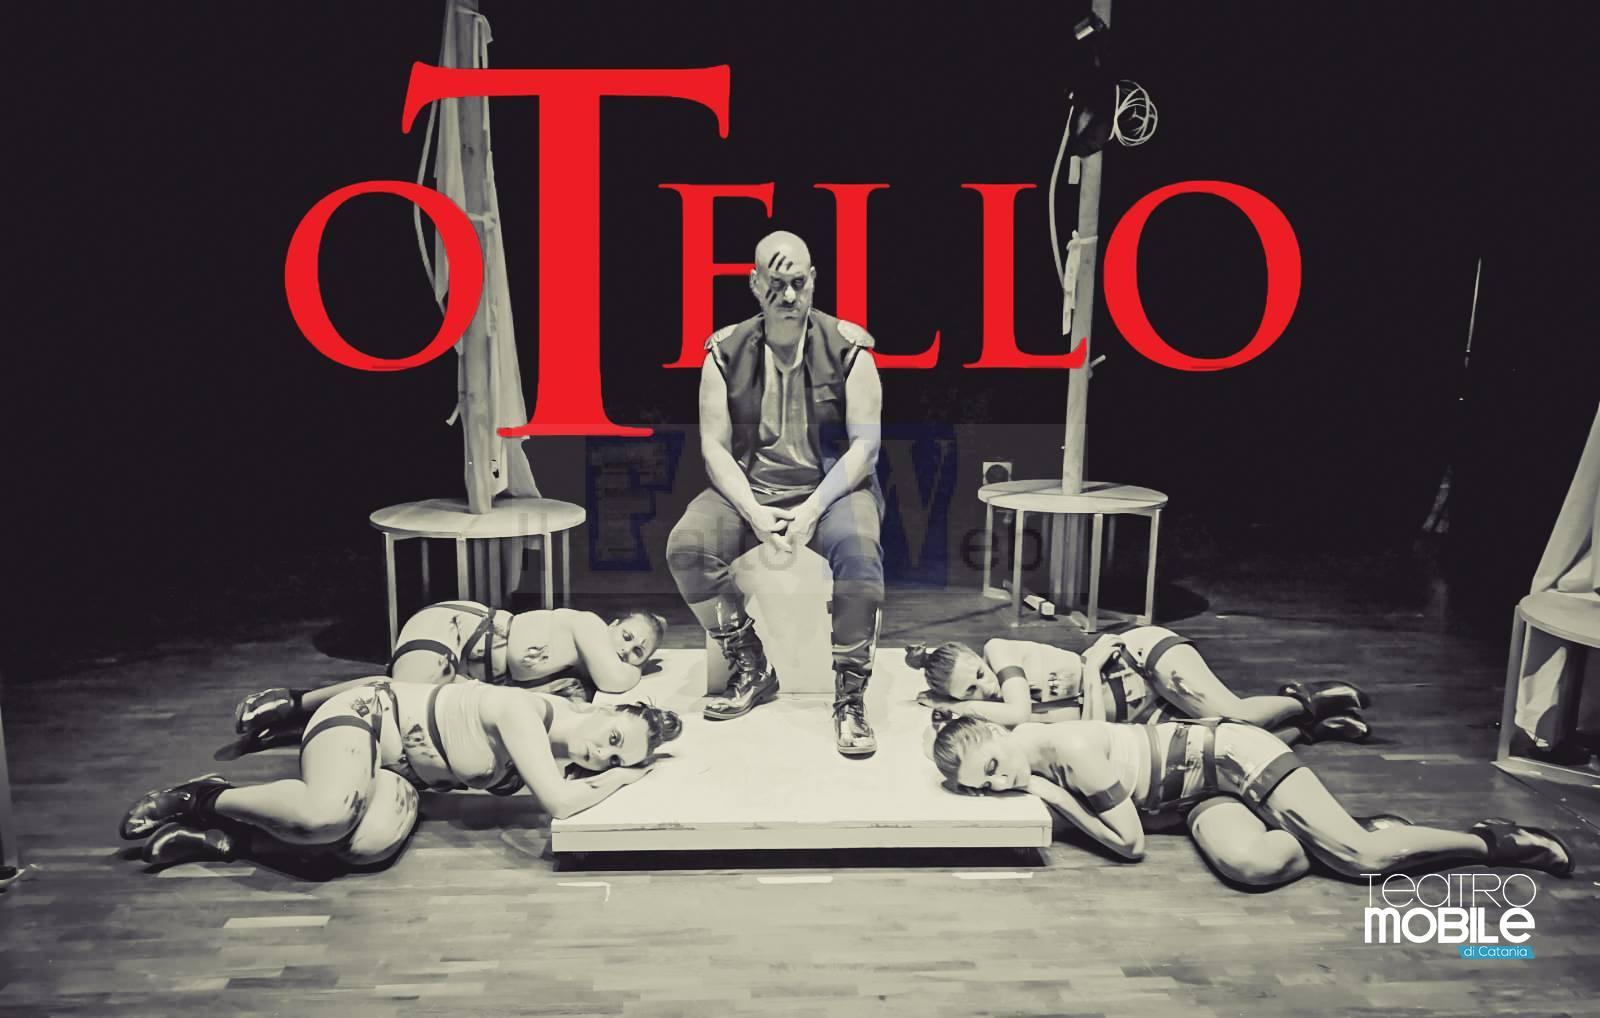 Teatro Mobile di Catania, Otello un classico dal sapore contemporaneo visto con gli occhi delle donne